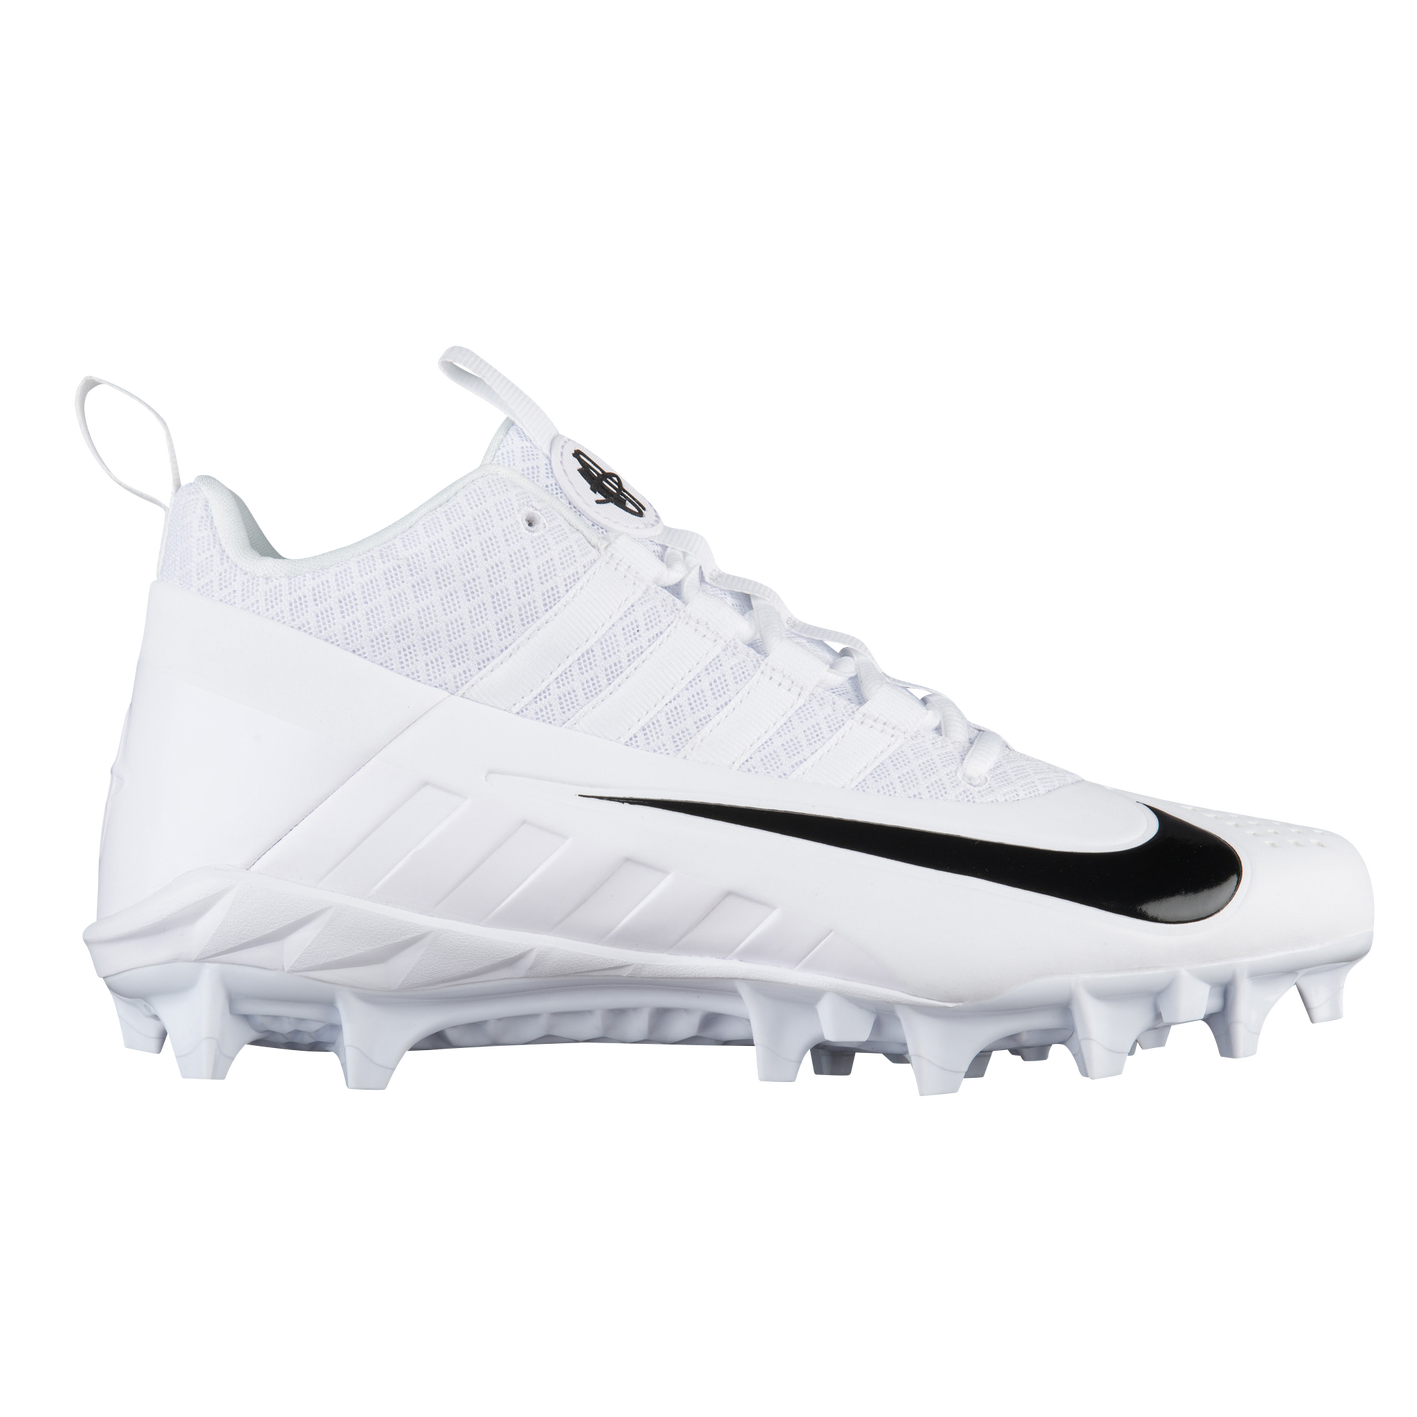 88c054e3d Nike Alpha Huarache 6 Pro LAX - Men's - Lacrosse - Shoes - White ...